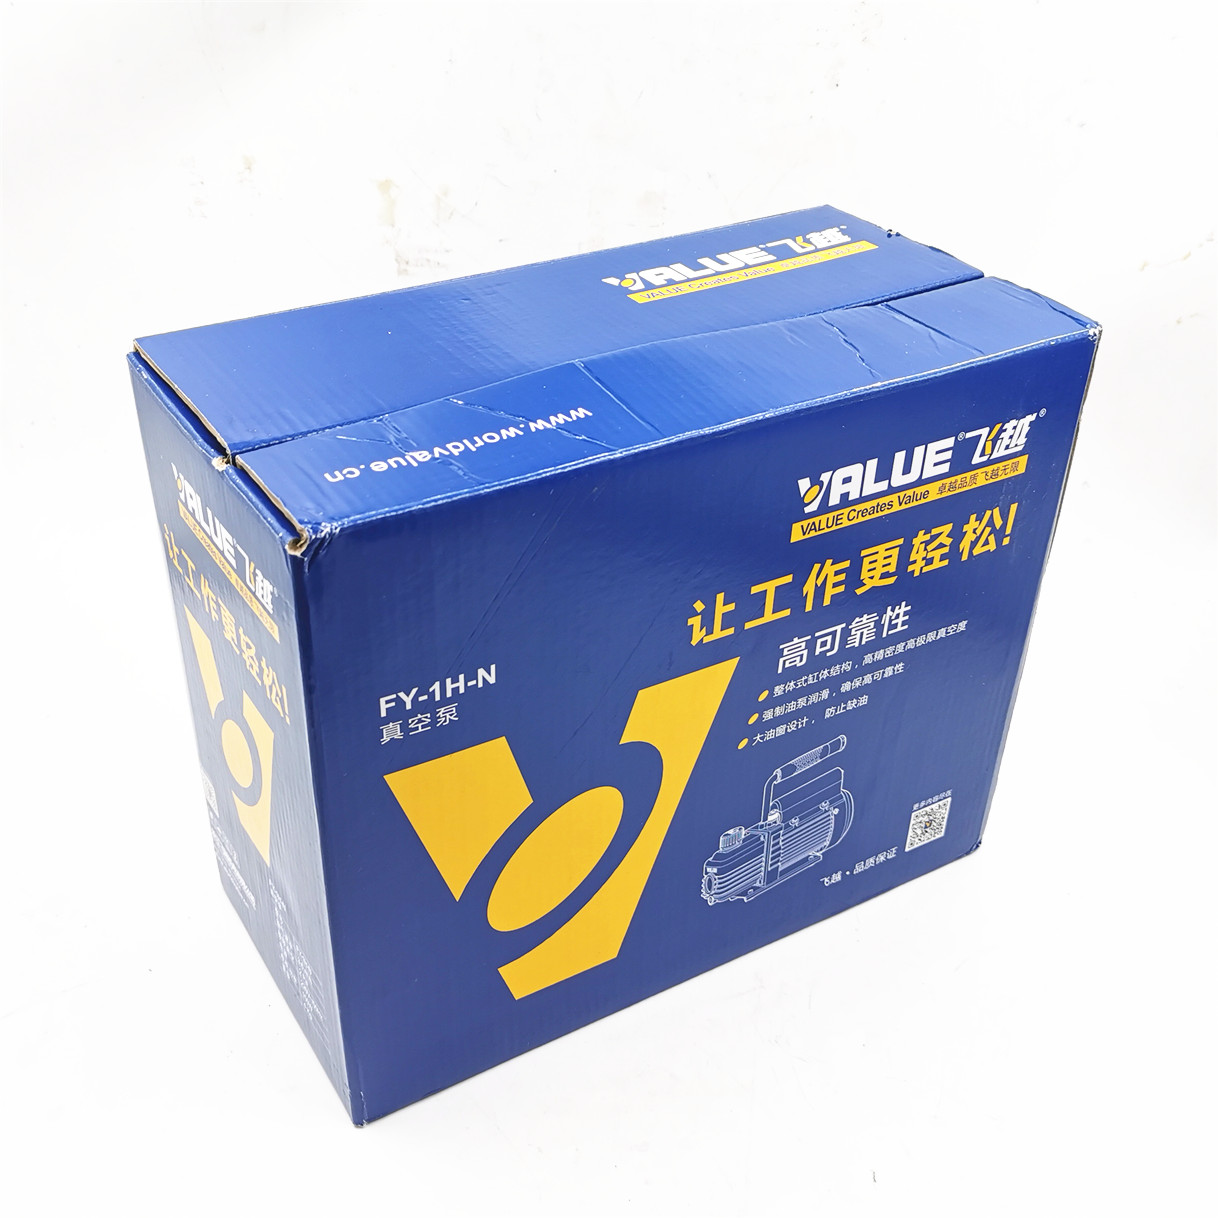 FY 1H N Мини Портативный Воздушный вакуумный насос 2PA Окончательный вакуум для ламинатора и сепаратора ЖК экрана 150 Вт 220 В - 5